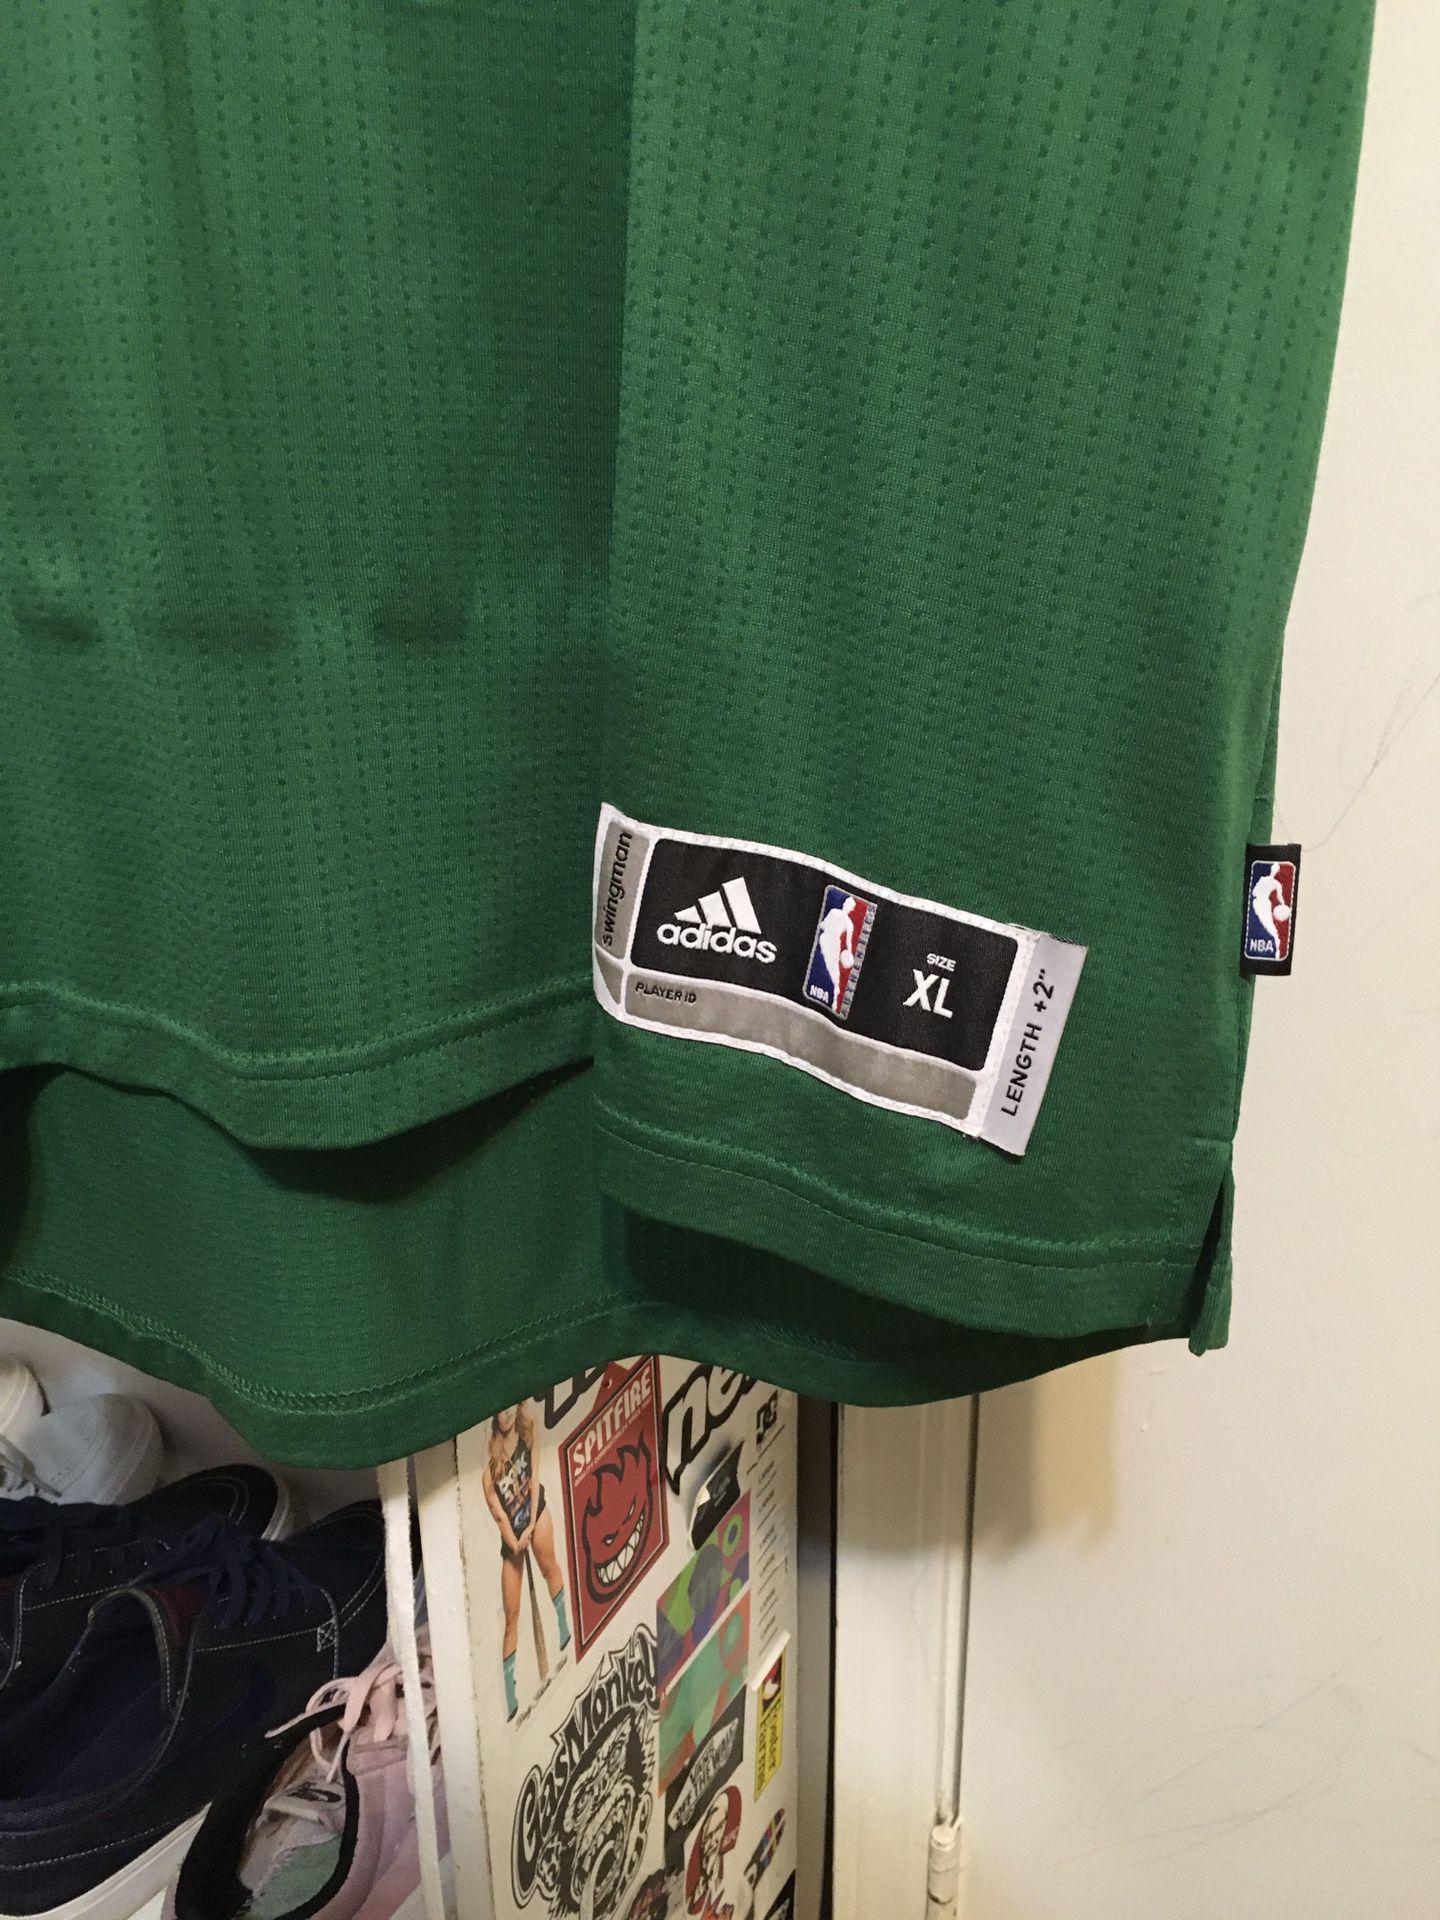 Adidas Celtics Jersey Size XL